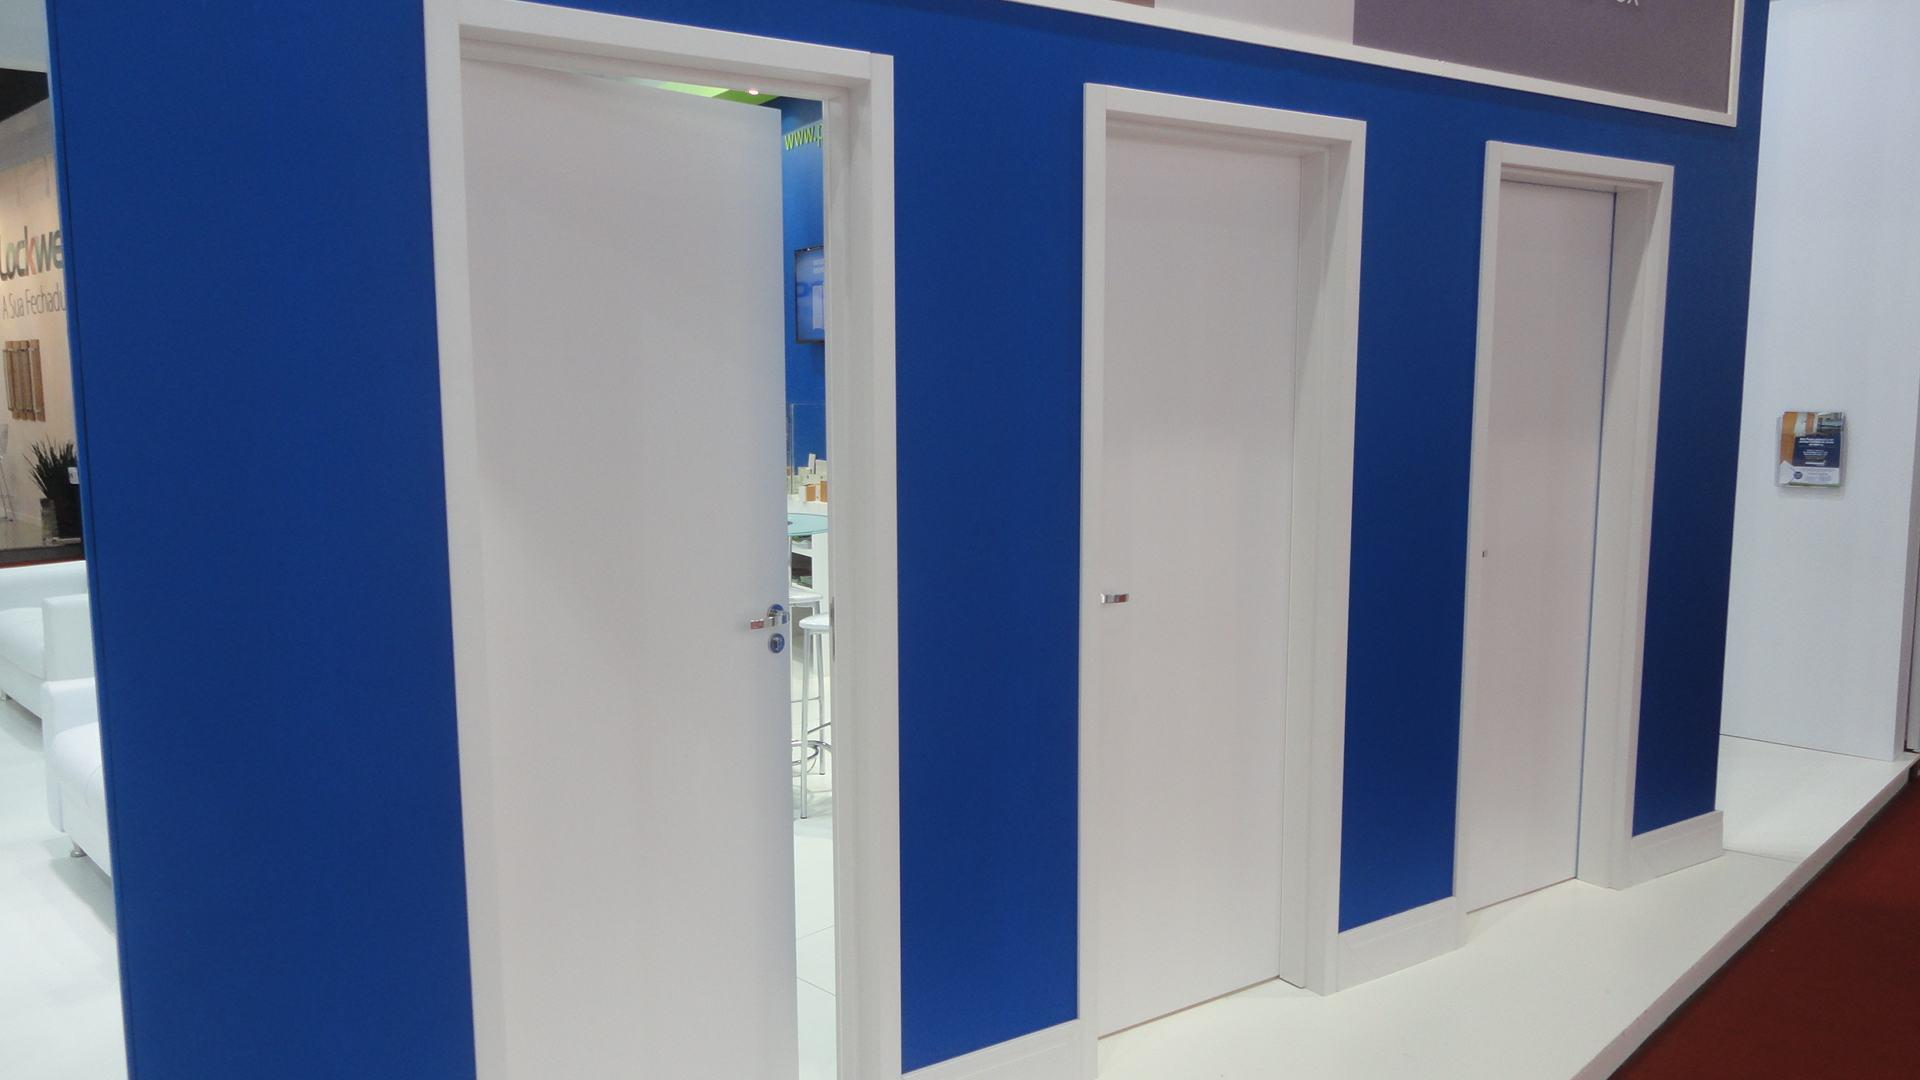 porta pronta pedreirao kit instalacao